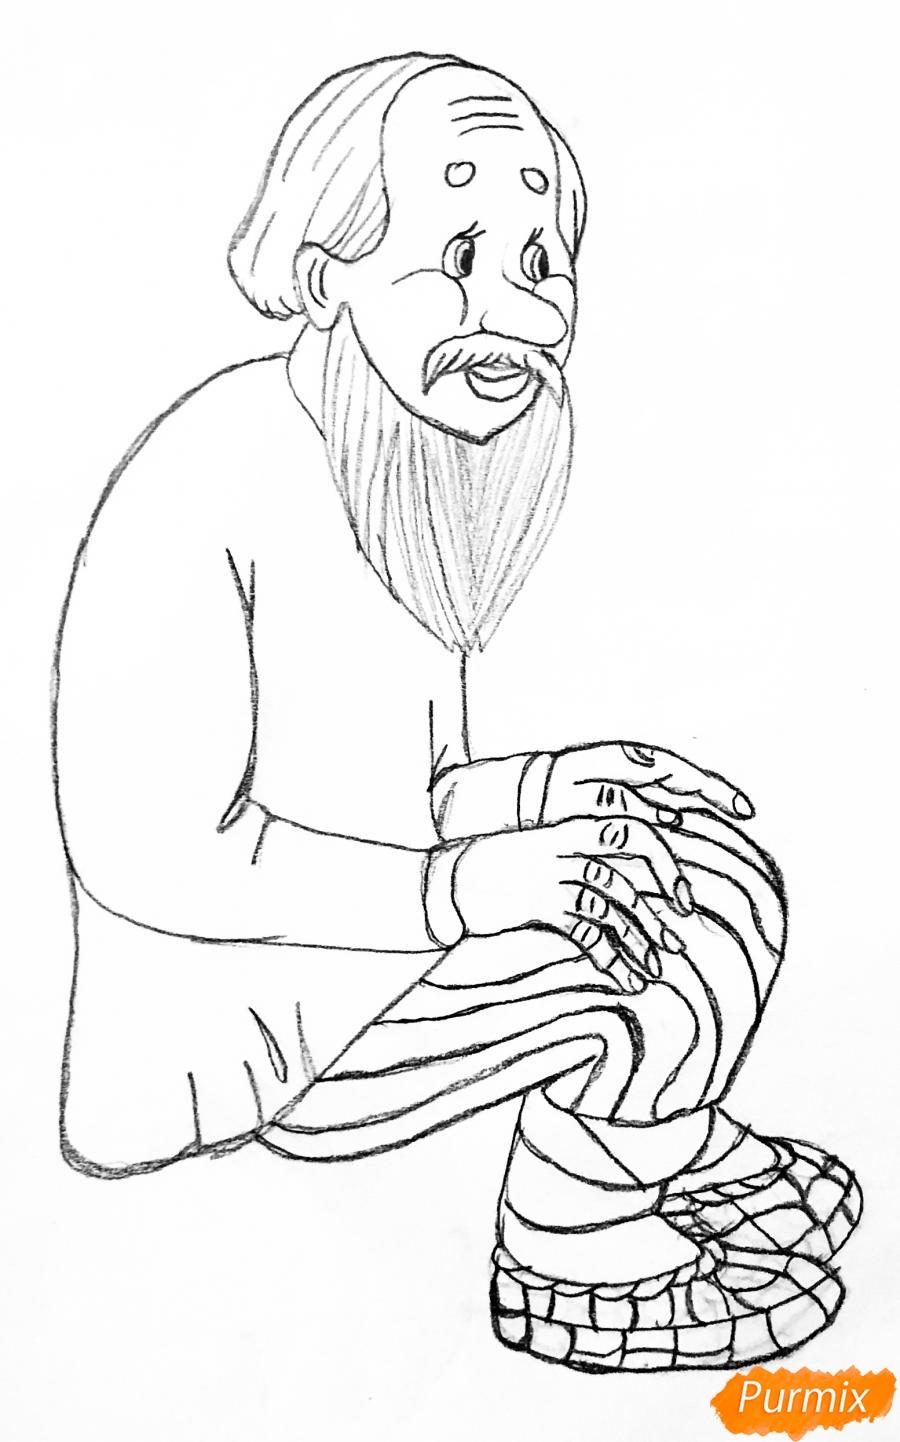 Рисуем деда бабку и колобка из сказки цветными карандашами - фото 3